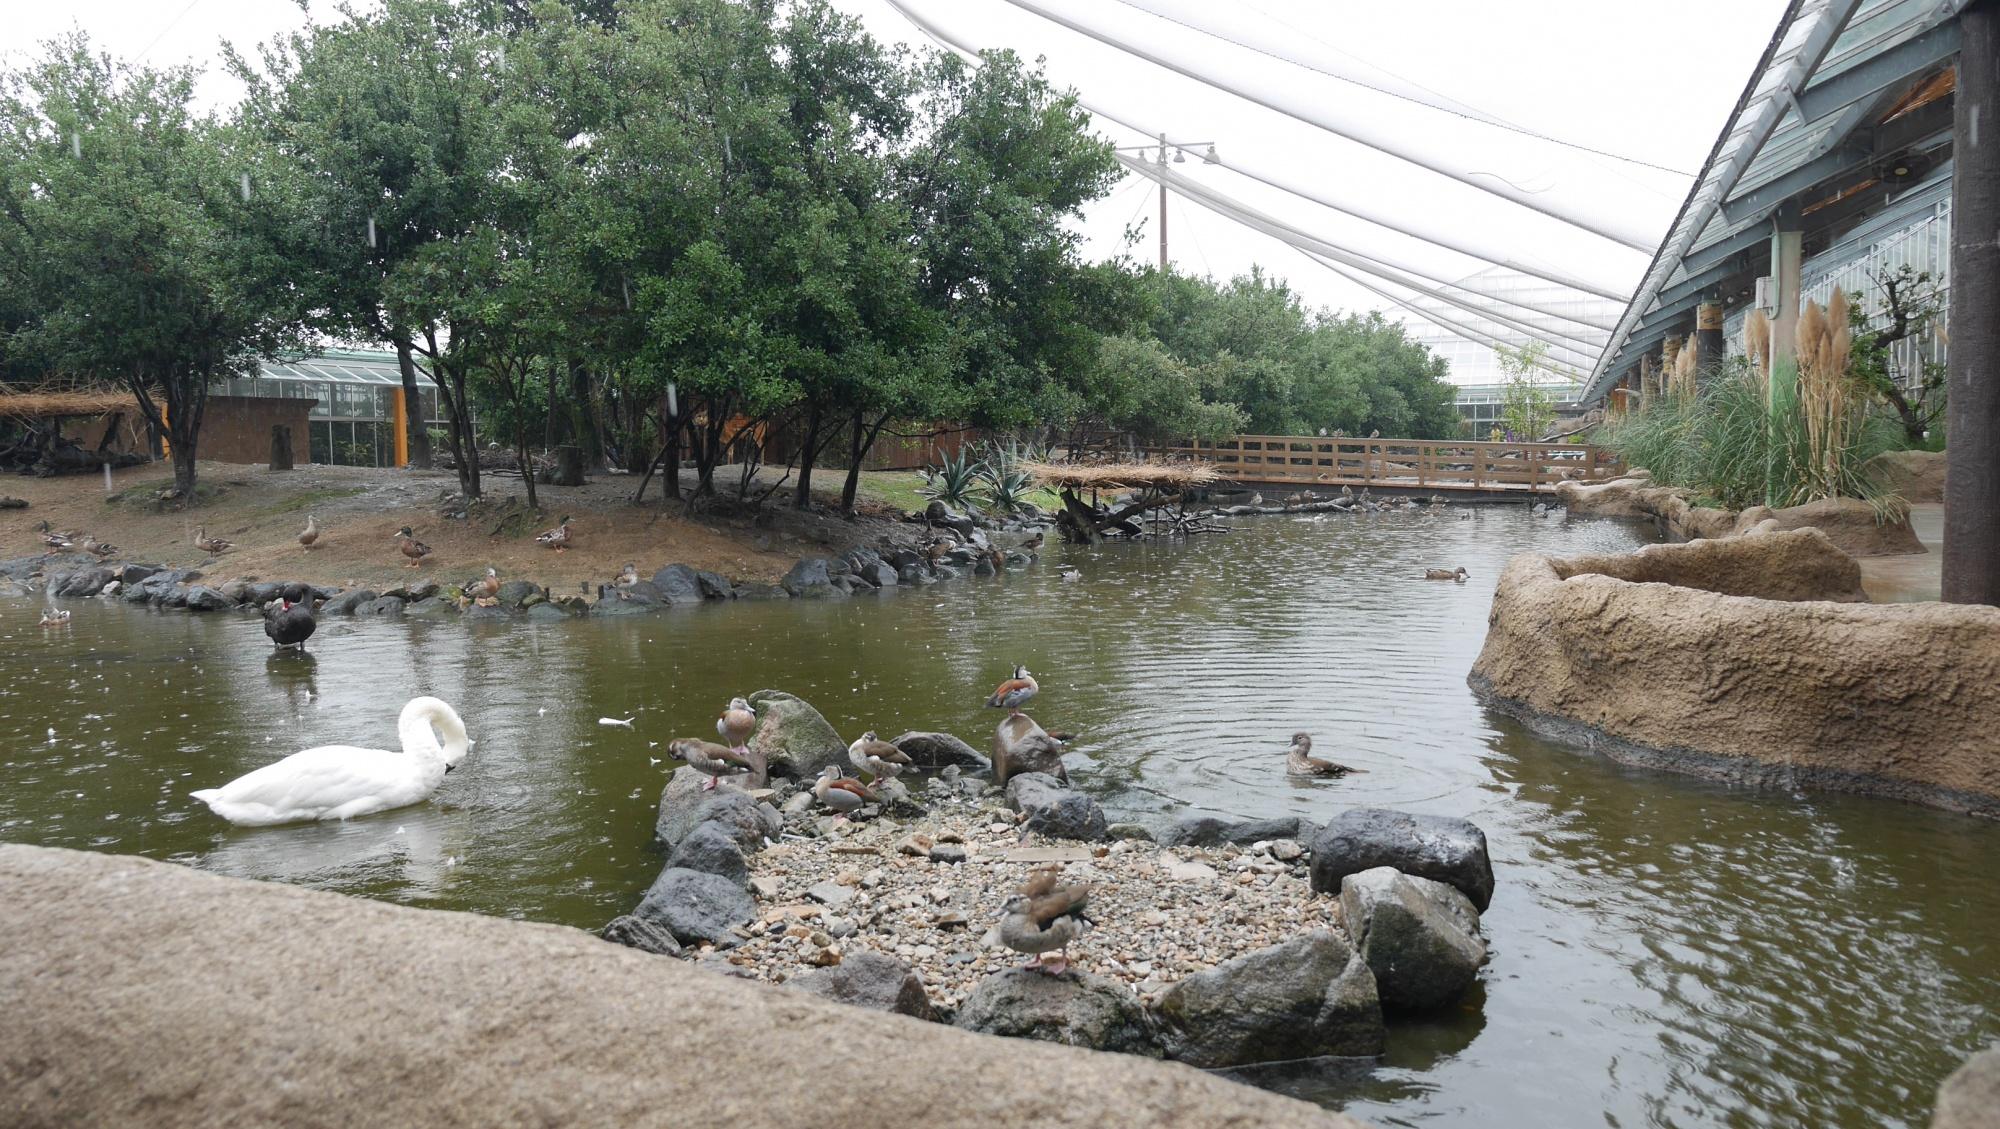 ペリカンラグーン(Pelican Lagoon)エリア